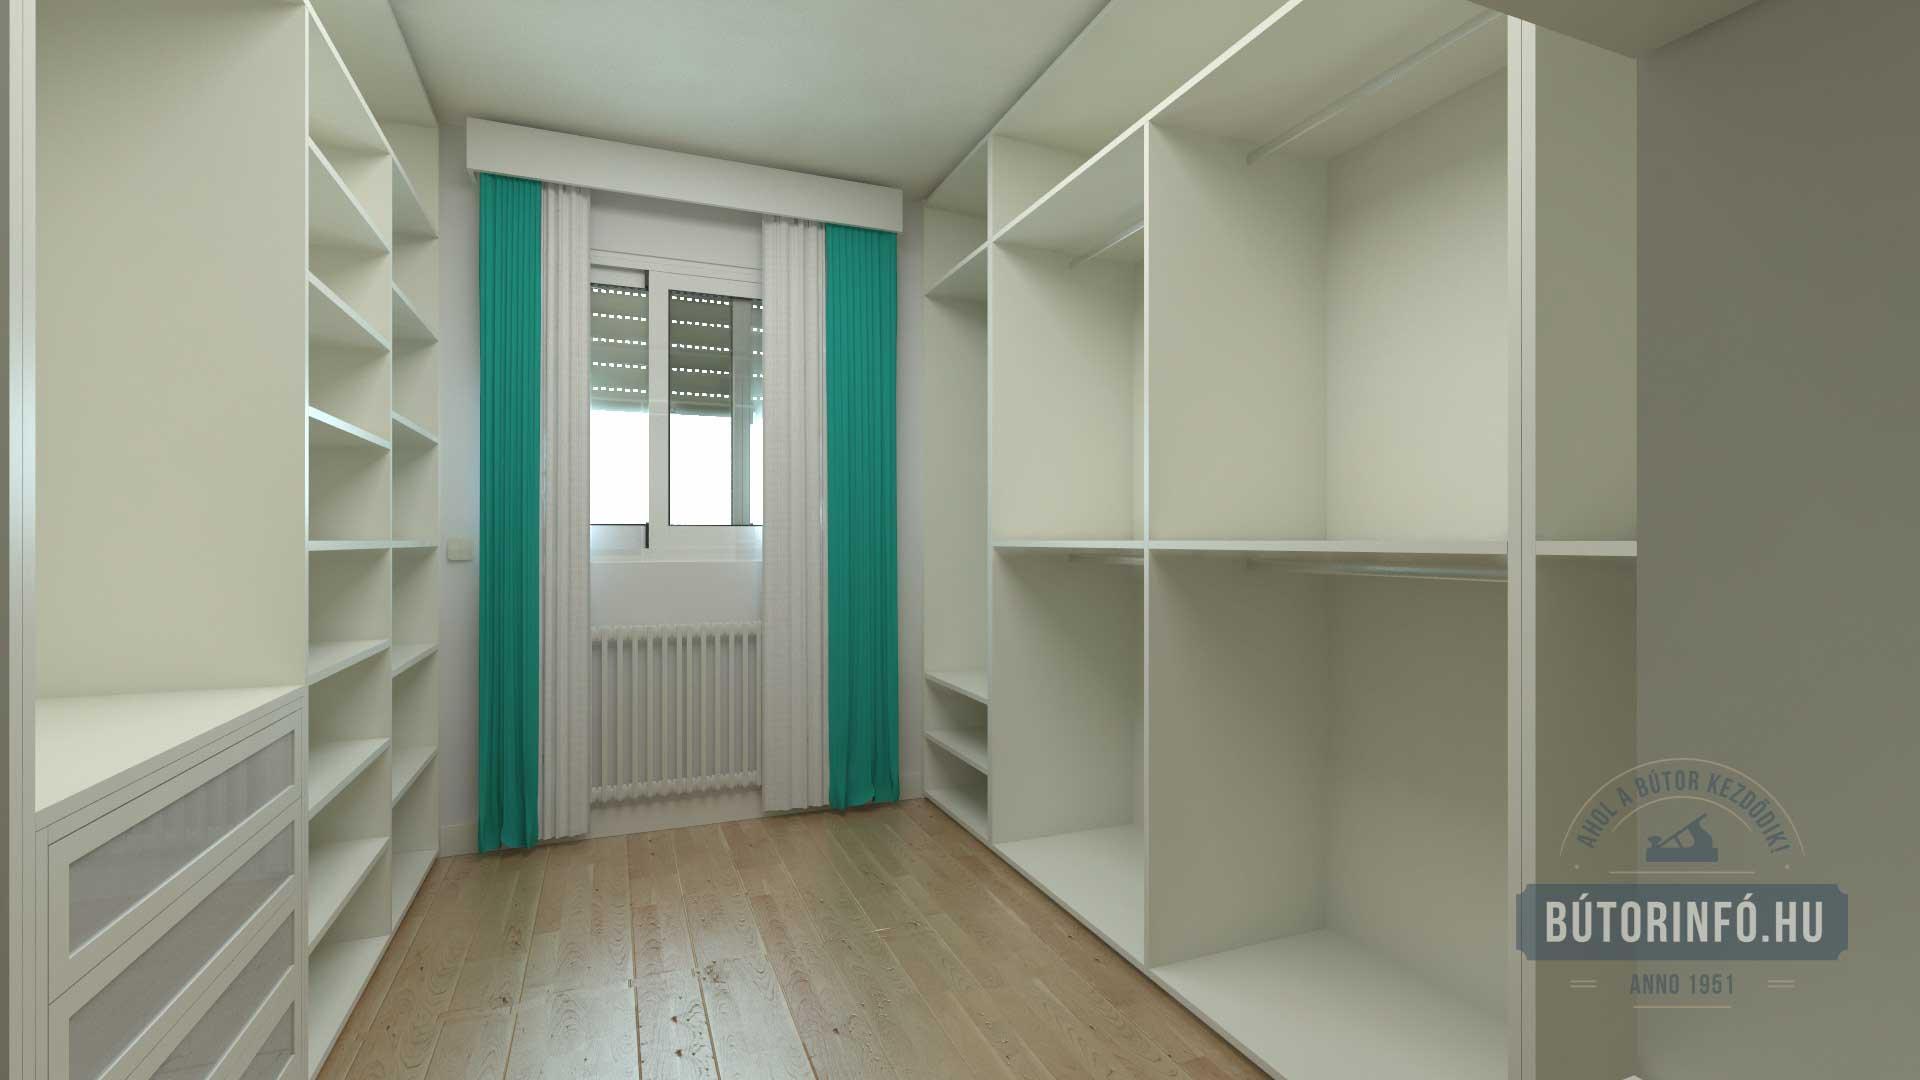 Gardróbszekrény, gardrób szoba kialakítása